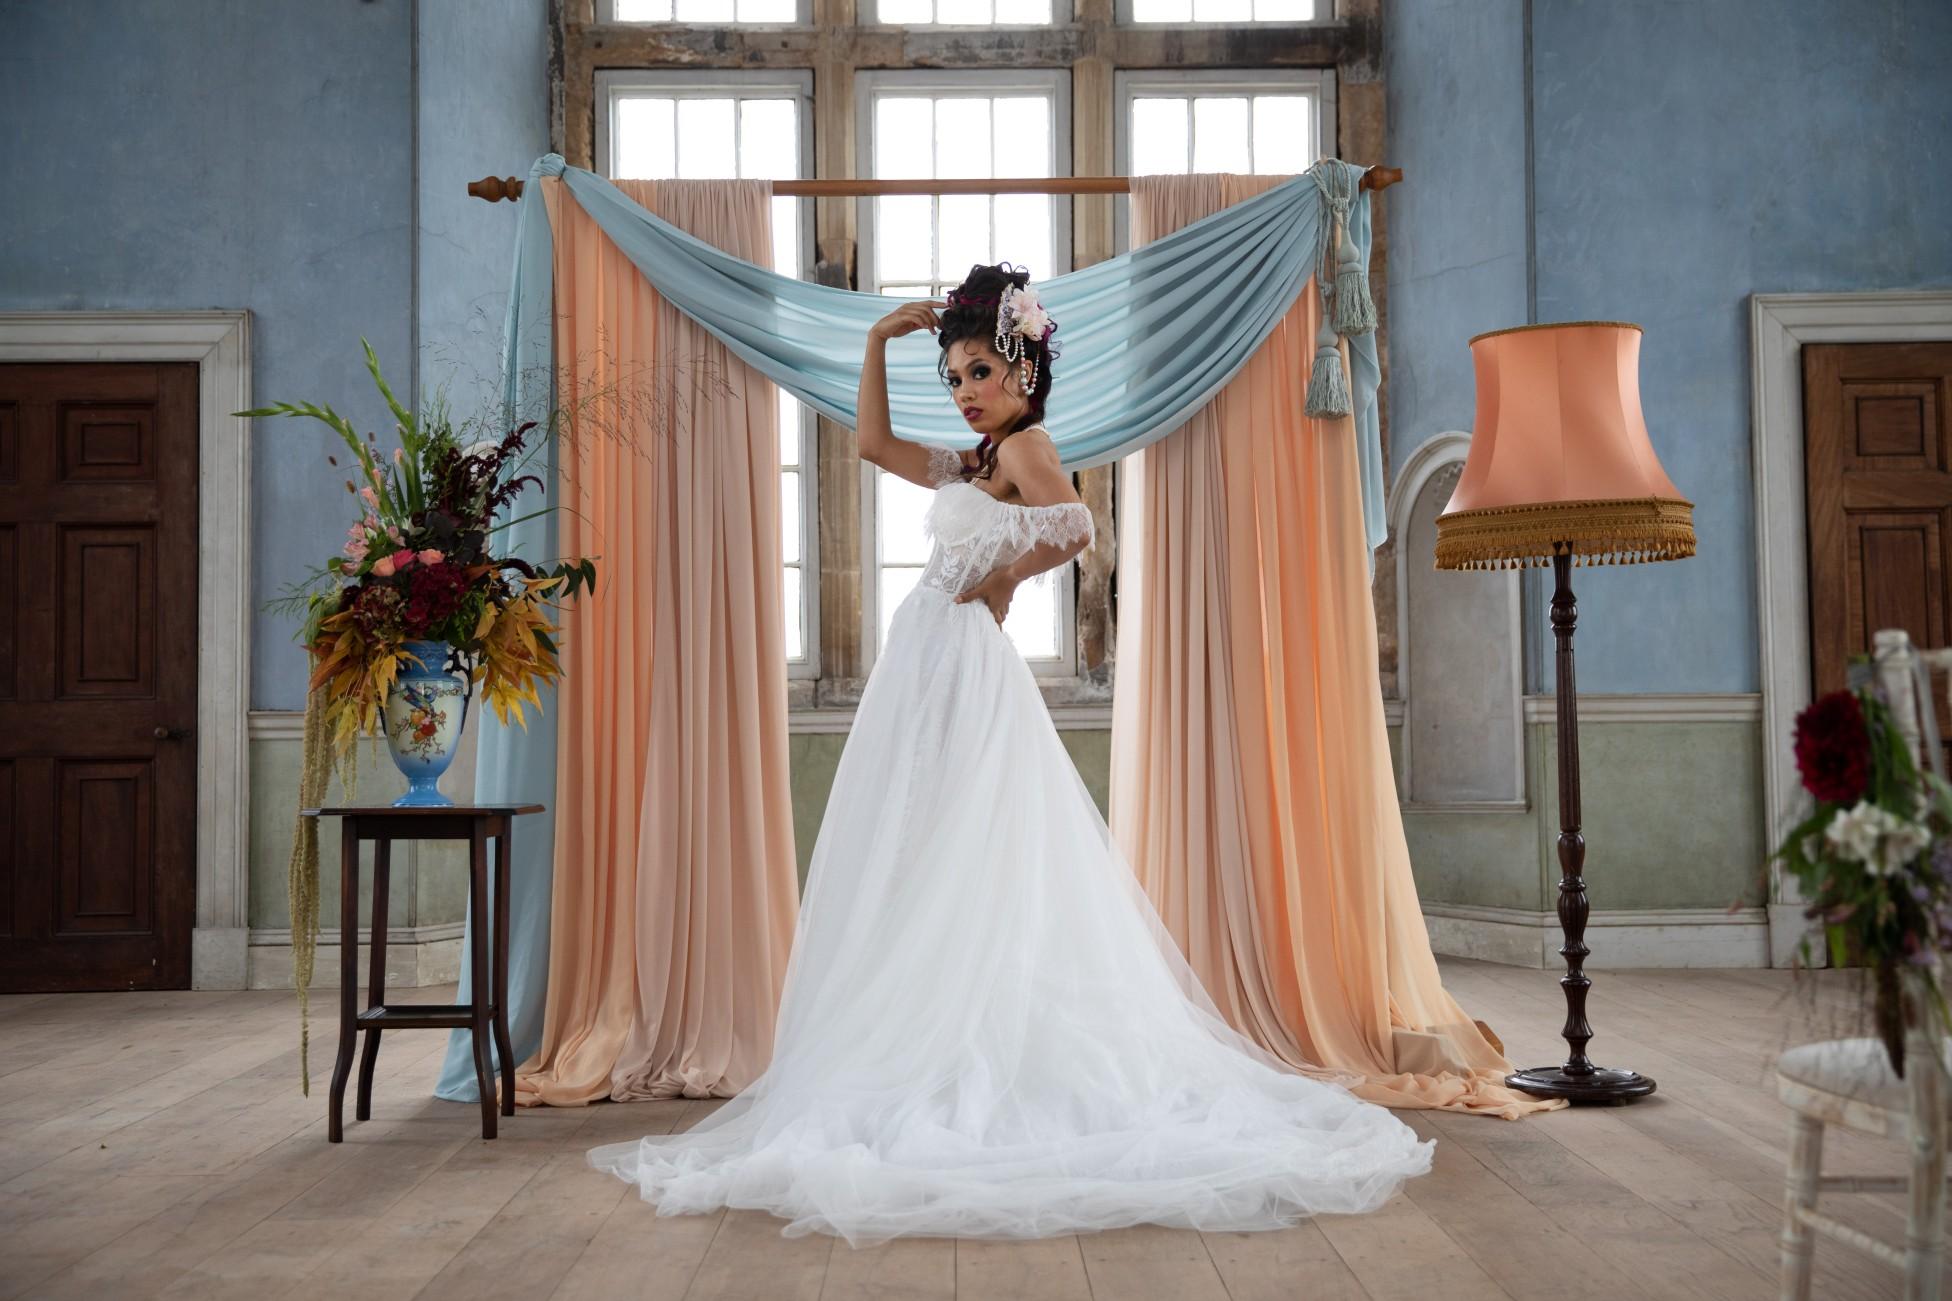 unique pastel wedding - marie antionette wedding - unique bridal look - unique bridal style - themed wedding - unique bride style